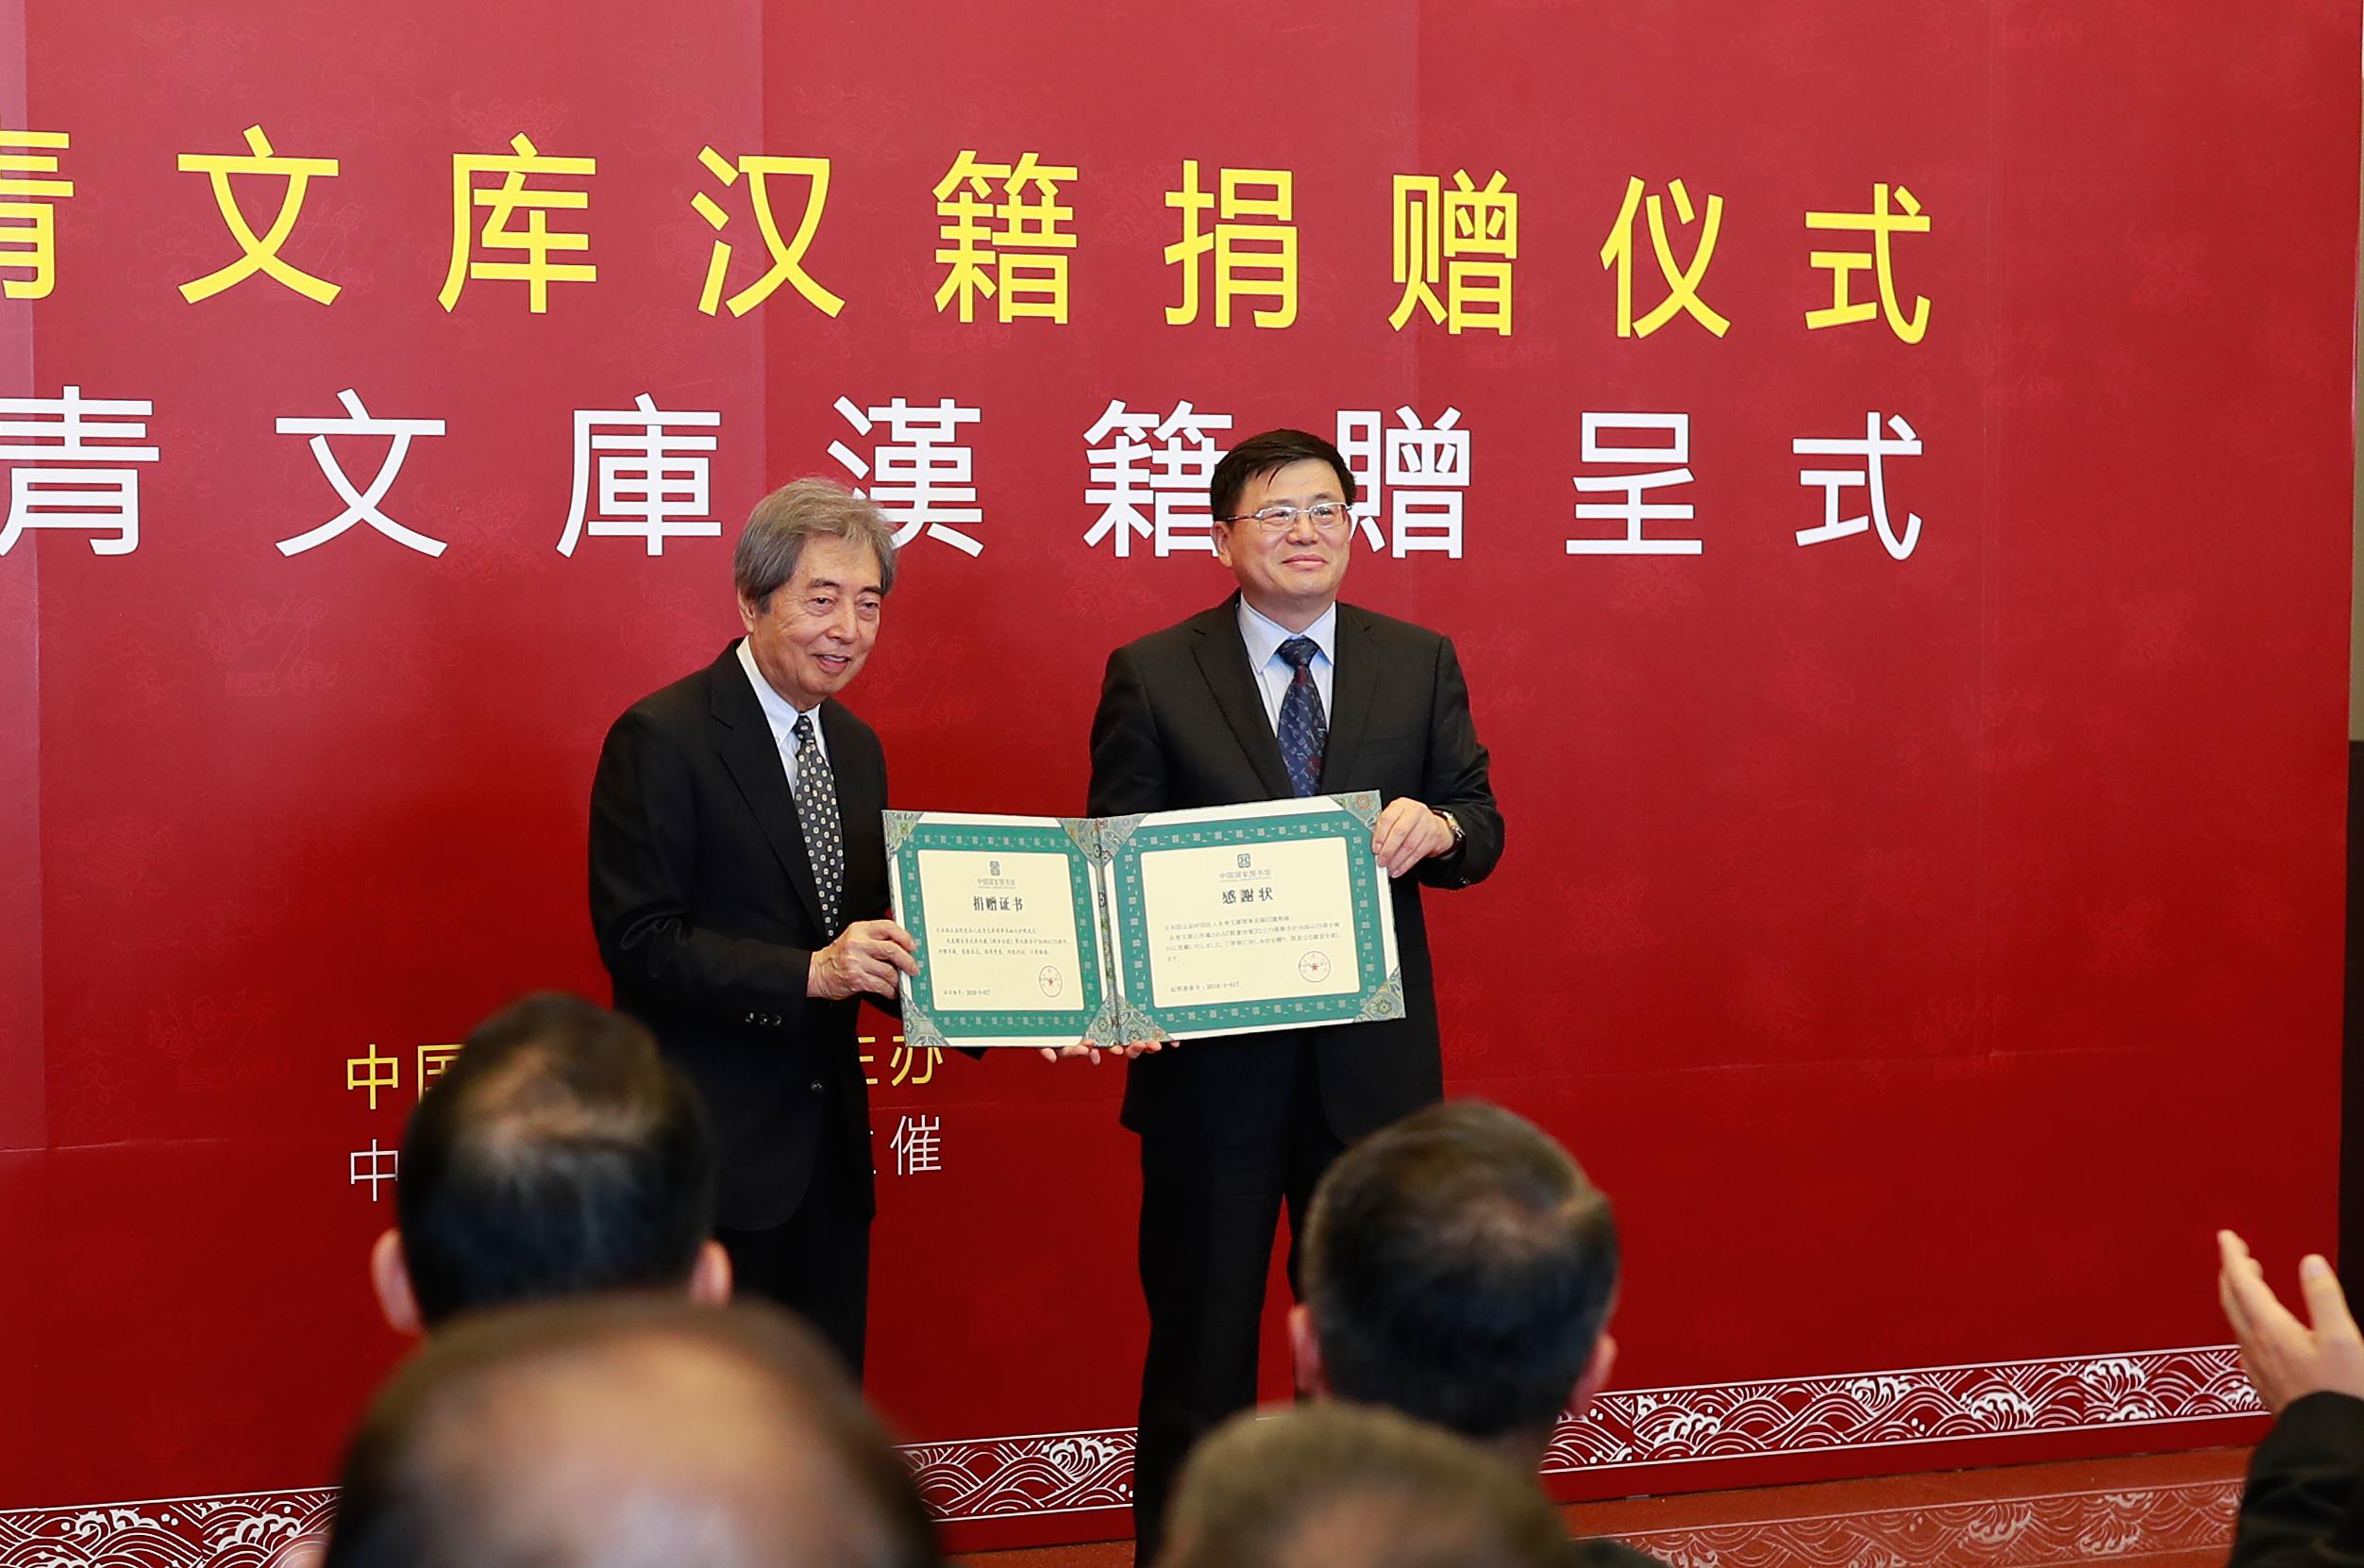 日本永青文库向国家图书馆捐赠汉籍仪式在京举行